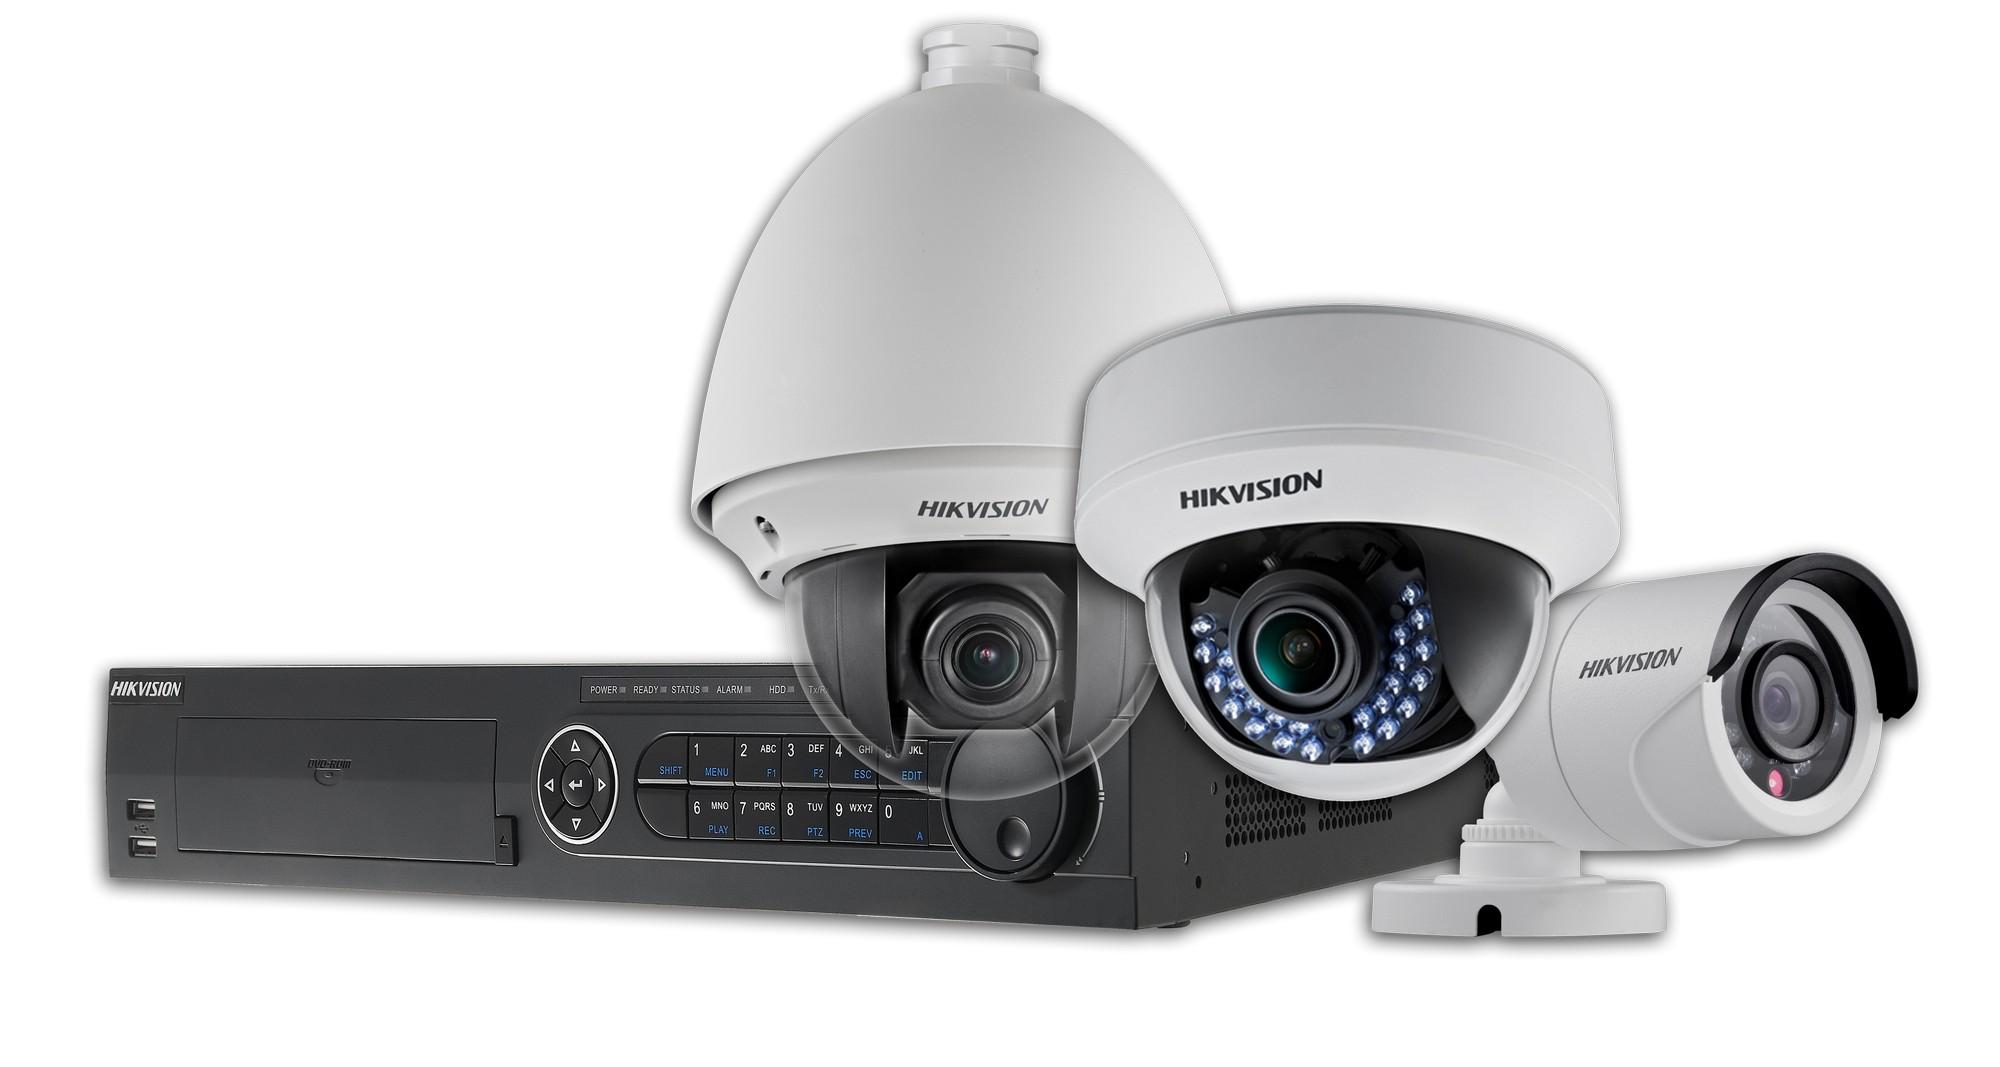 Hikvision, ο κορυφαίος προμηθευτής πρωτοποριακών προϊόντων και λύσεων βιντεοεπιτήρησης στον κόσμο